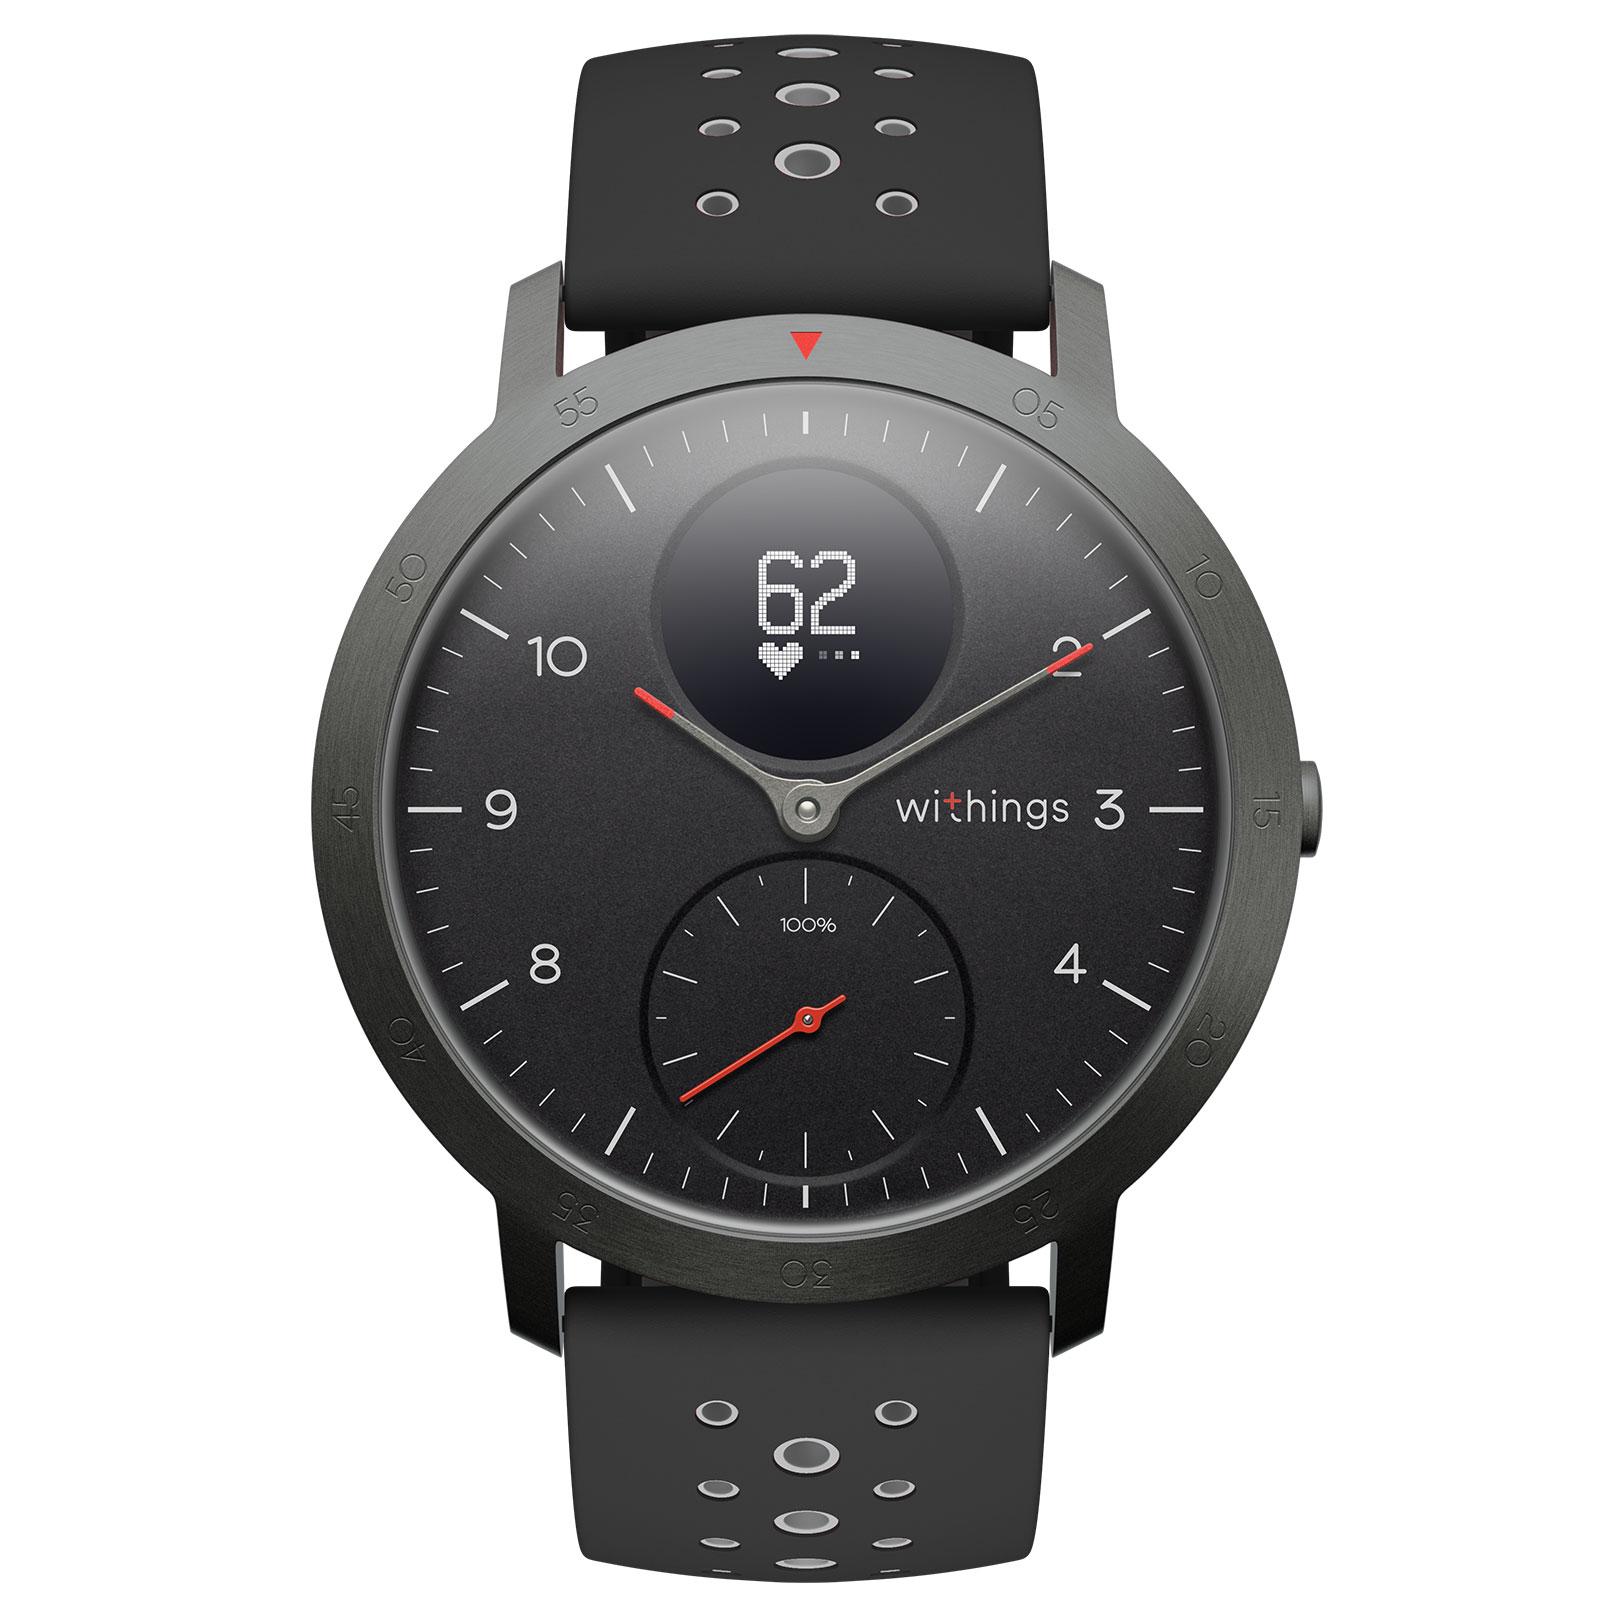 Bracelet connecté Withings Steel HR Sport Noir Montre connectée étanche avec suivi d'activité, analyse du sommeil, rythme cardiaque, notifications et Bluetooth (iOS et Android)